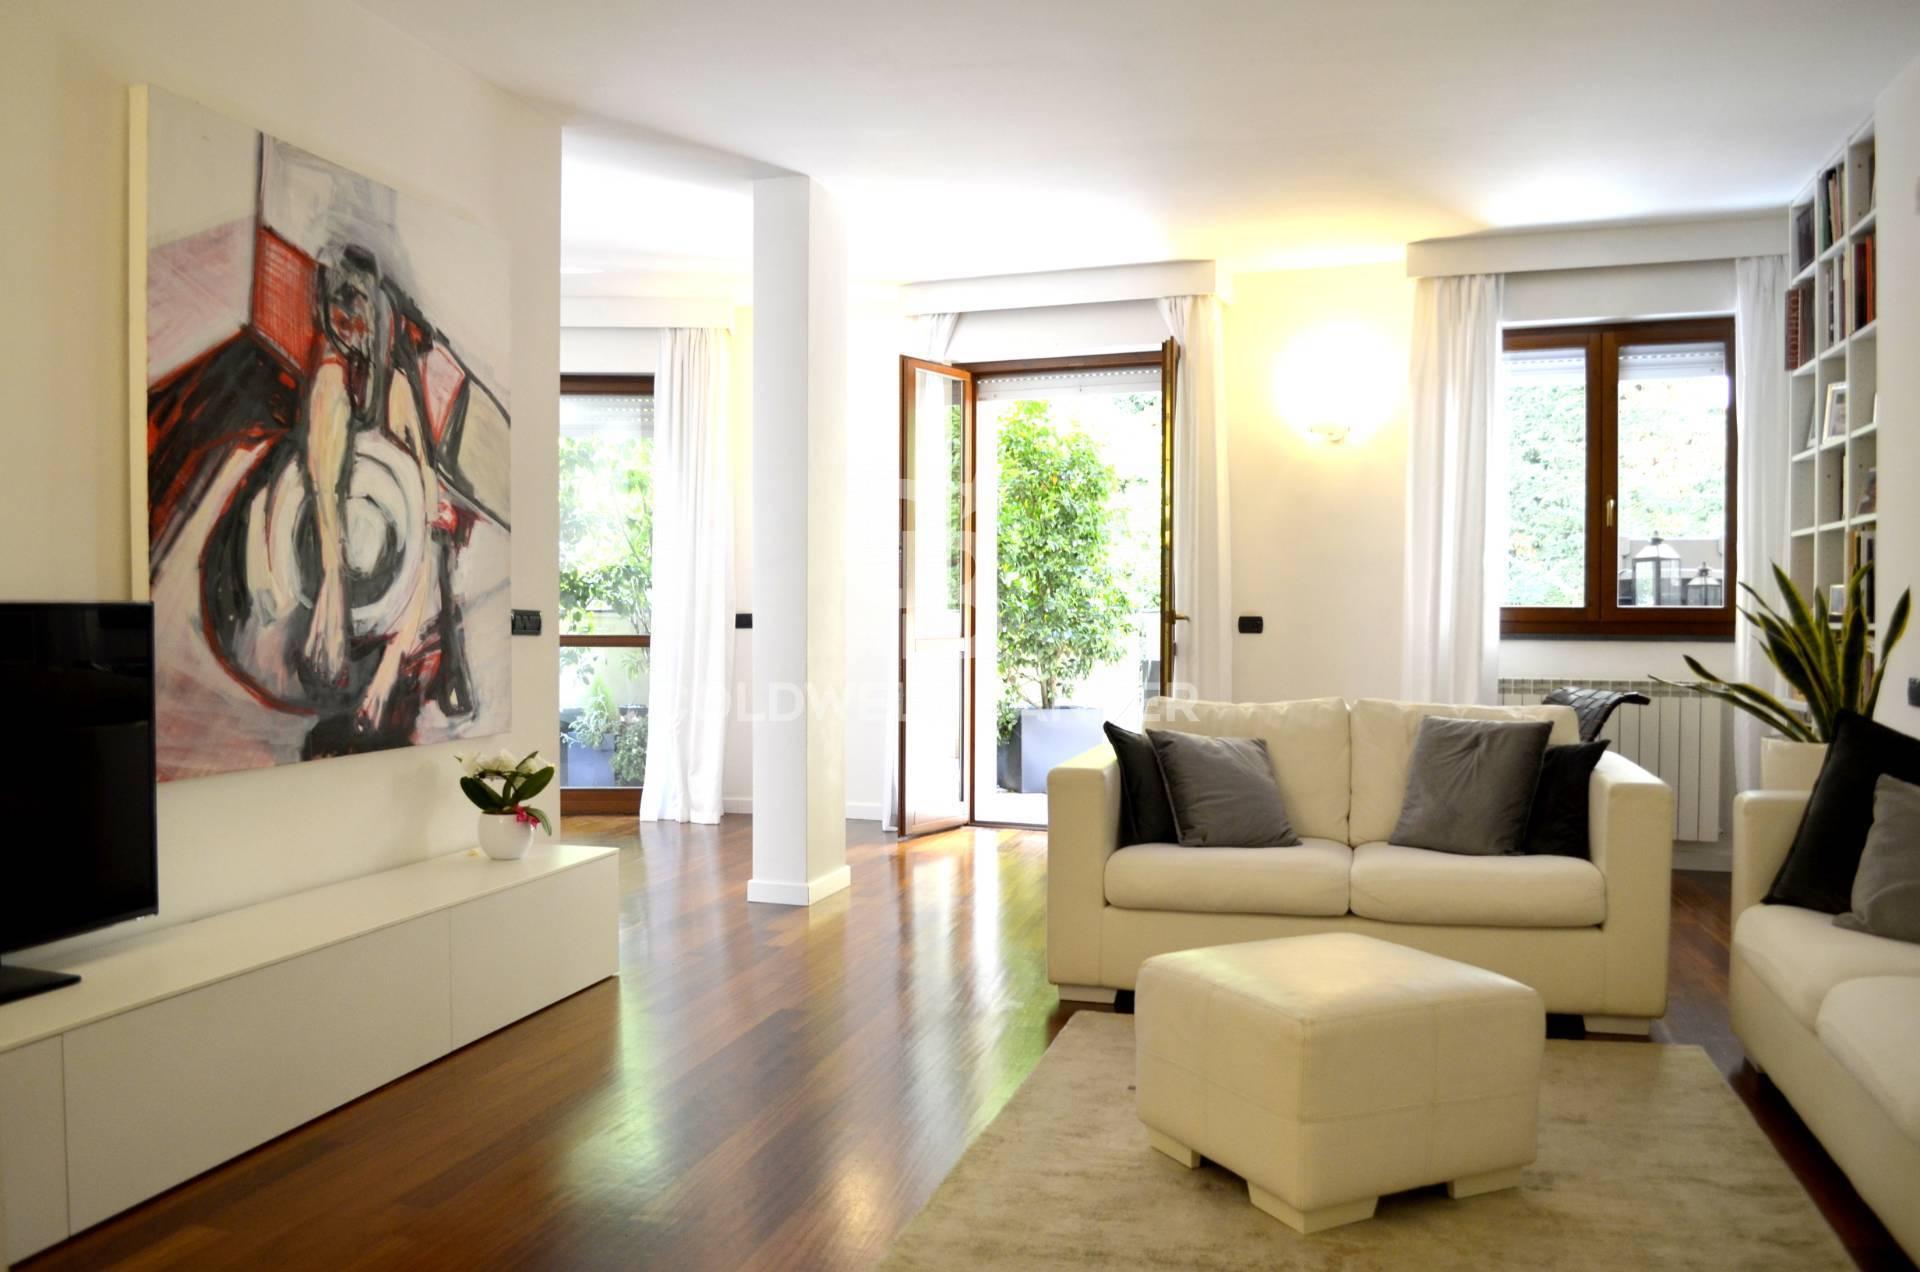 Vendita Trilocale Appartamento Legnano 216065